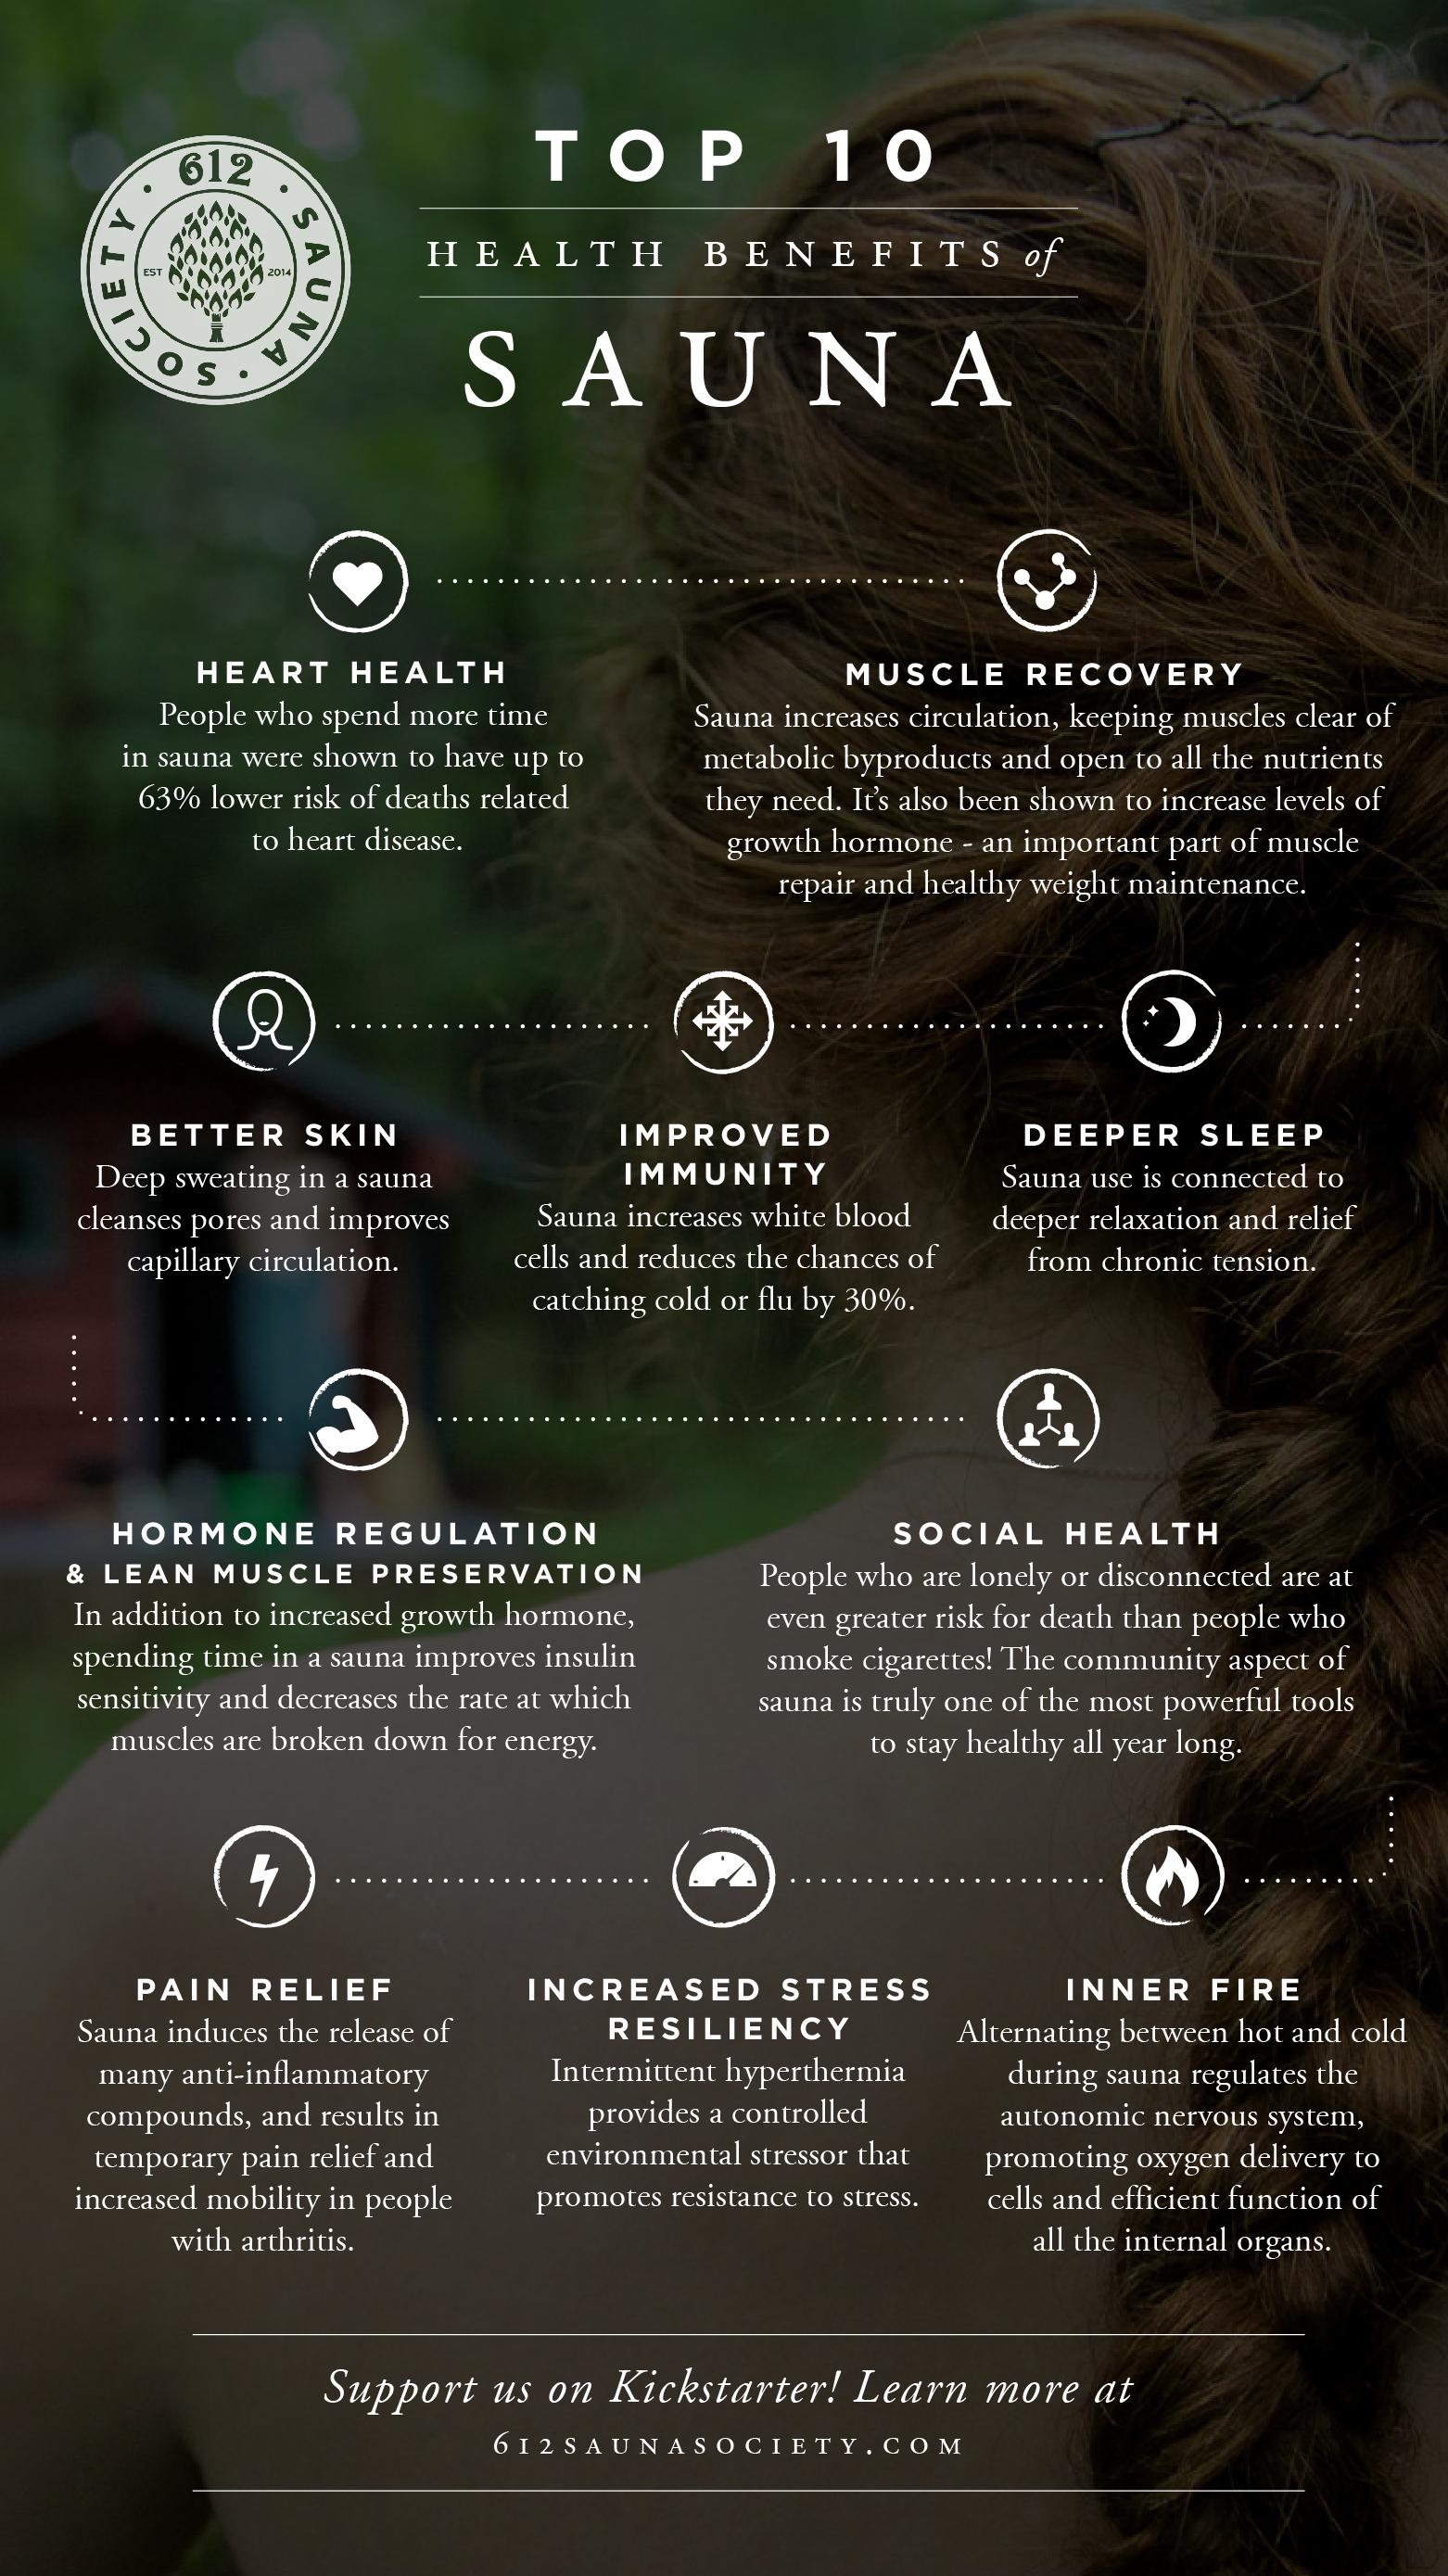 Health benefits of Sauna